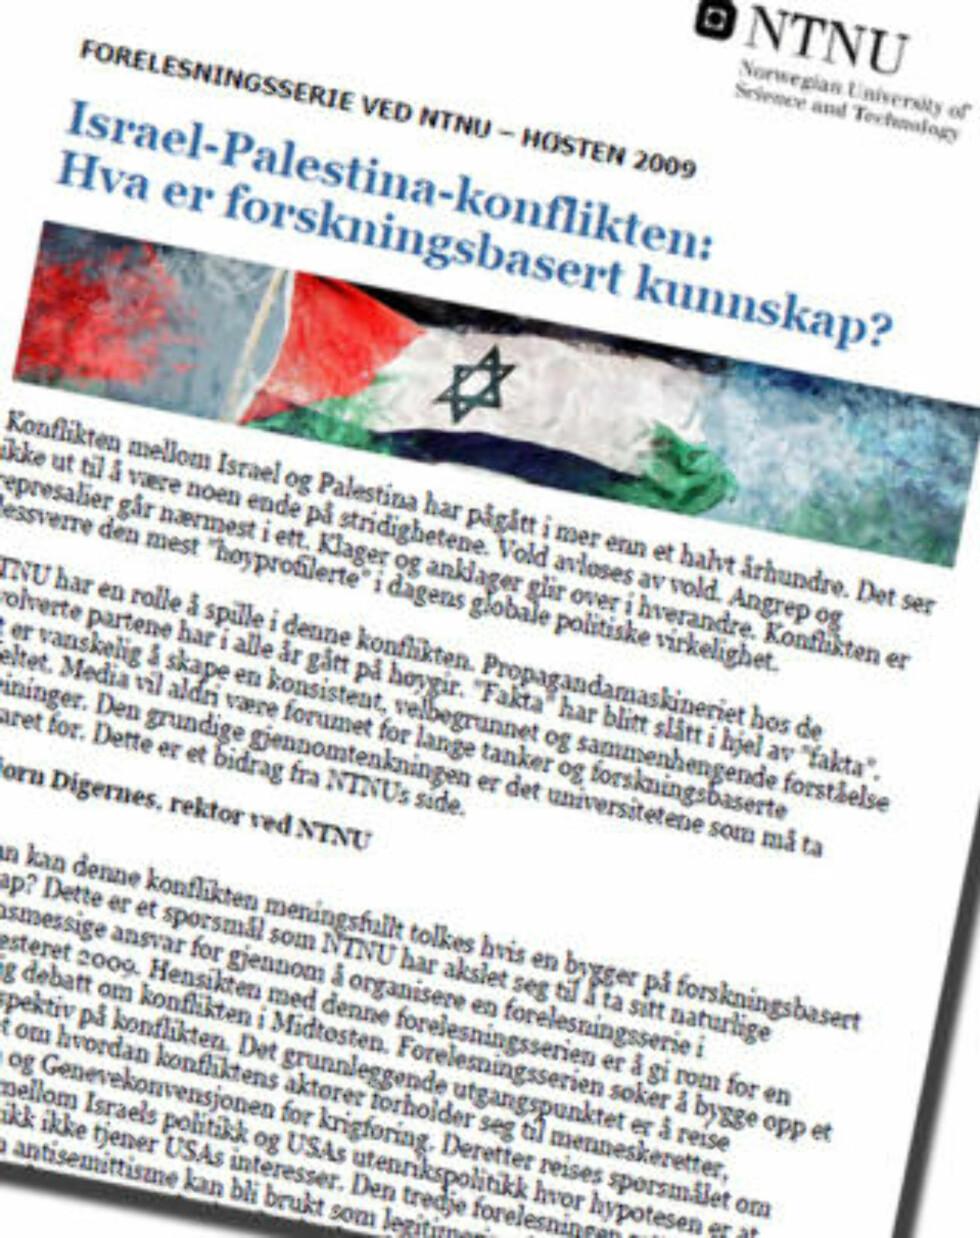 SKAPER BRÅK: Forelesningsserien «Israel-Palestina-konflikten: Hva er forskningsbasert kunnskap?» ved NTNU.